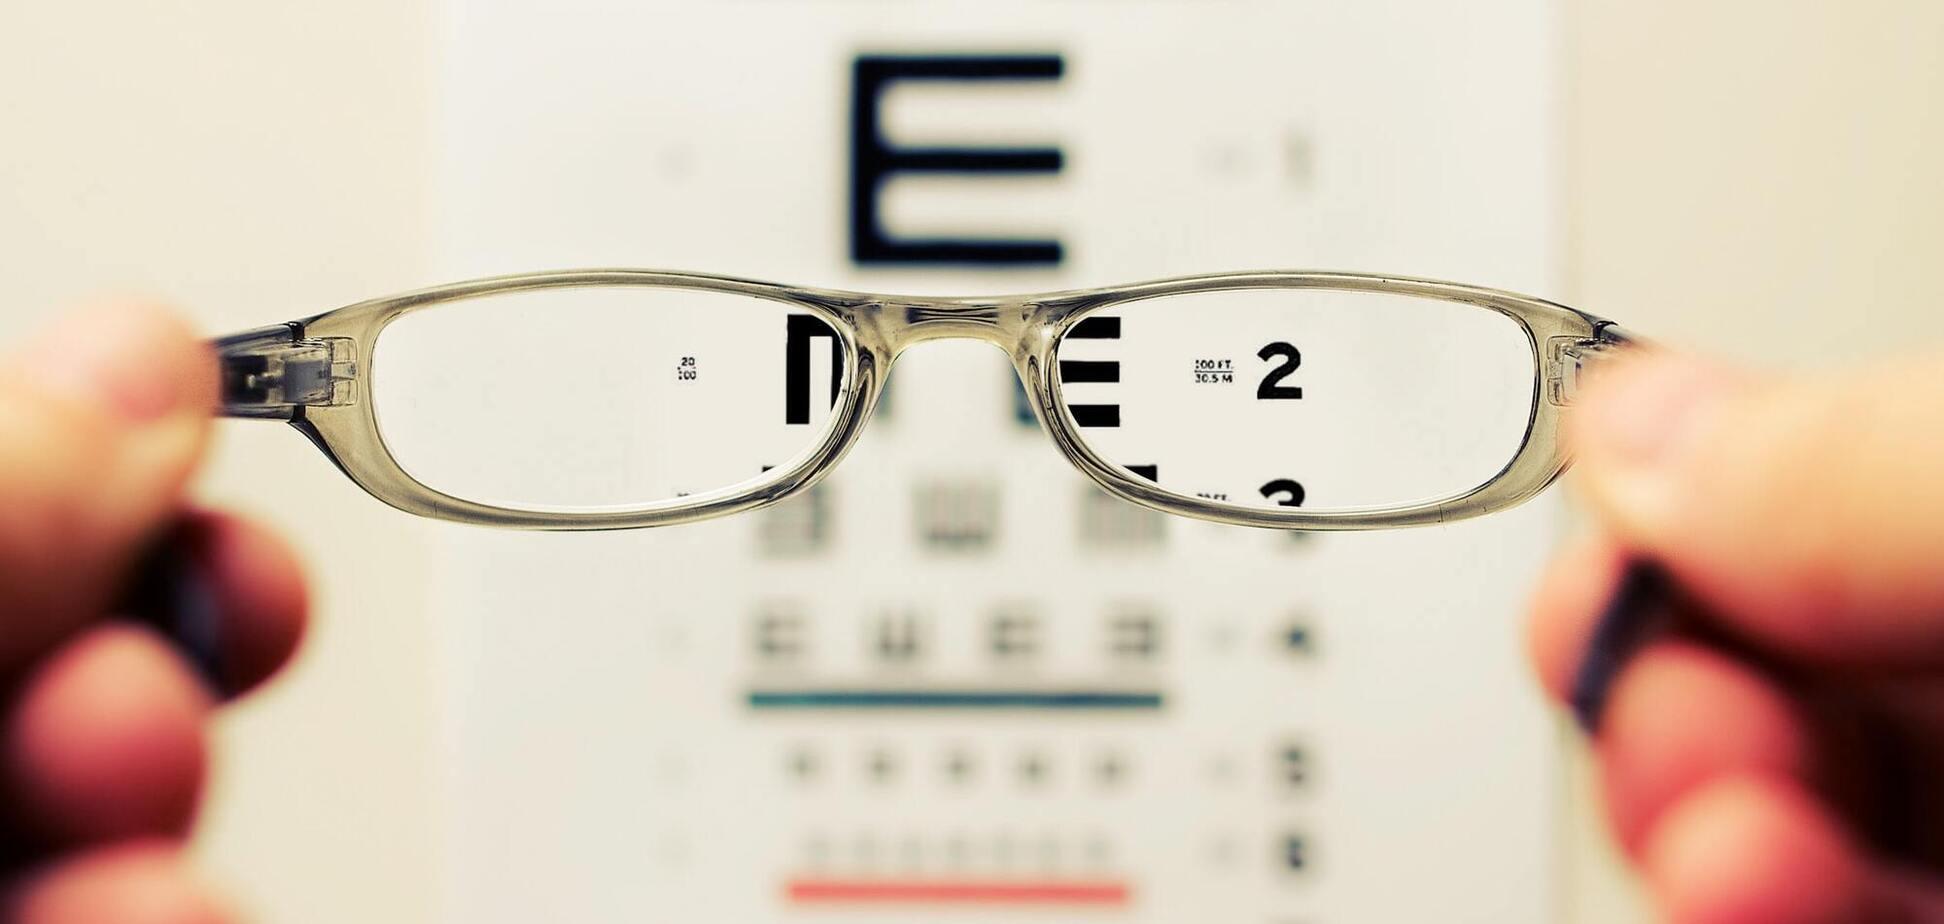 Врачи призывают регулярно проходить профилактический осмотр у офтальмолога